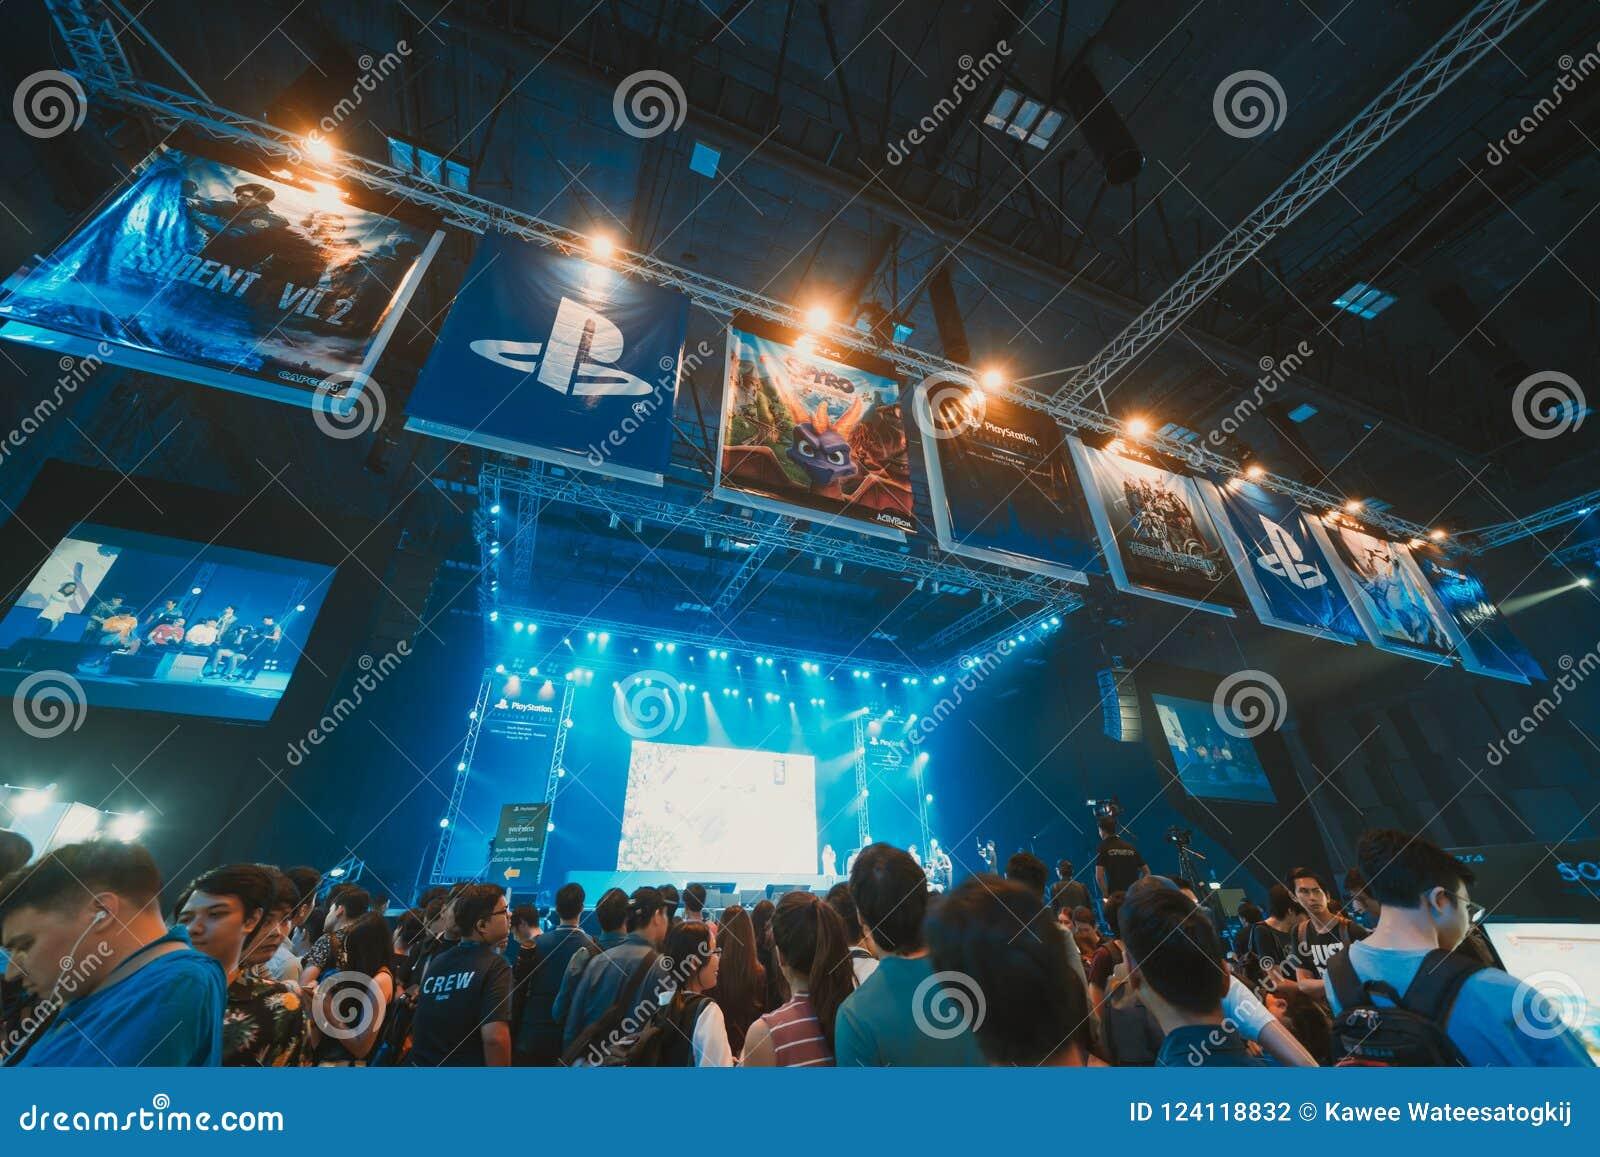 曼谷,泰国- 2018年8月18日:出席阶段PlayStation经验海东南亚的展示事件游戏玩家人群2018年